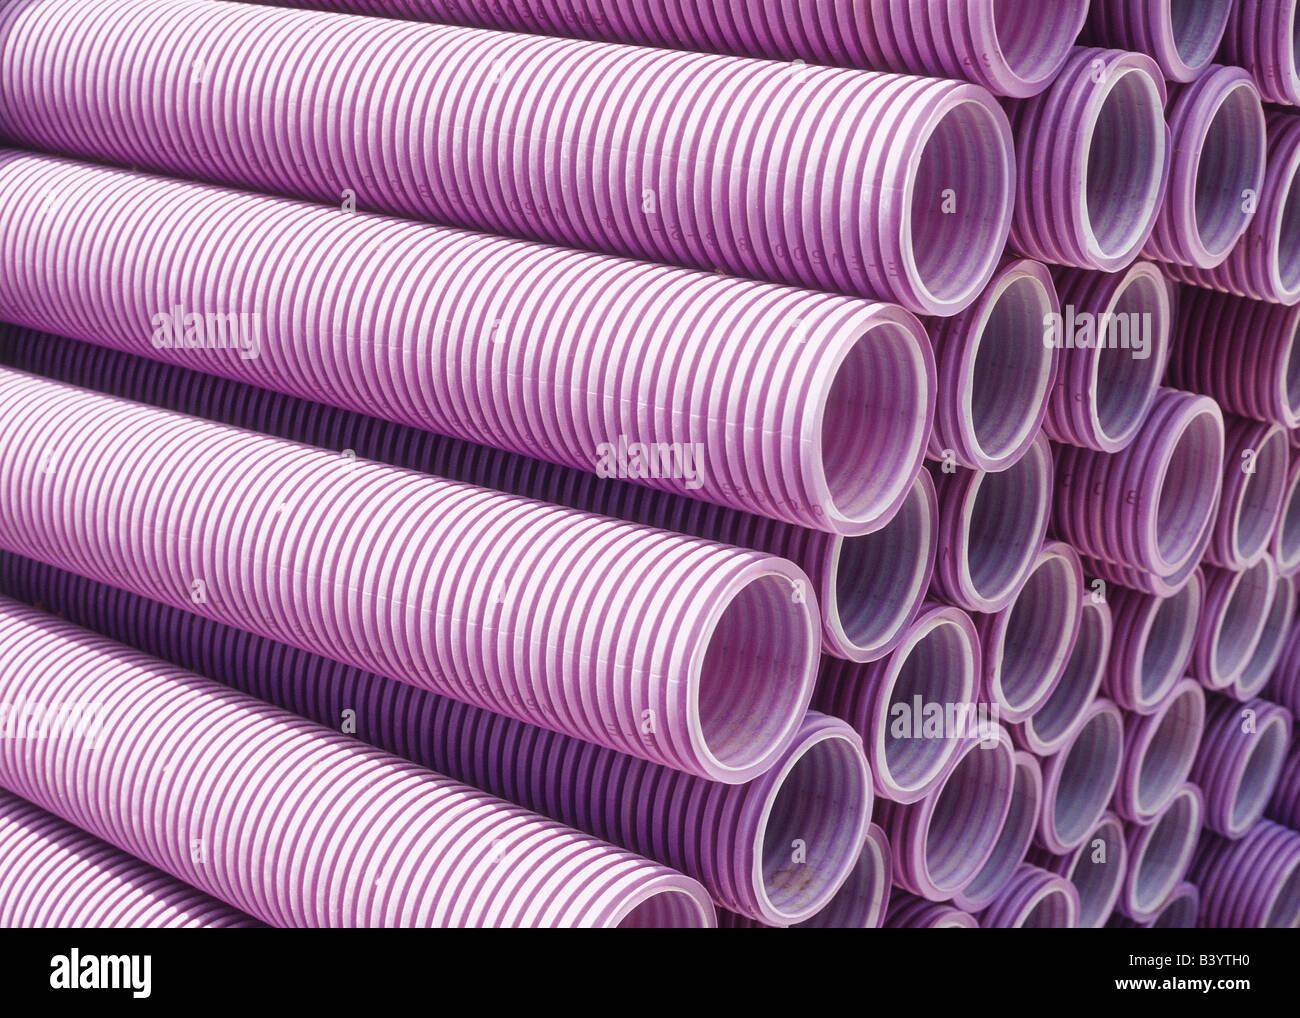 Pila de tubos de Imagen De Stock